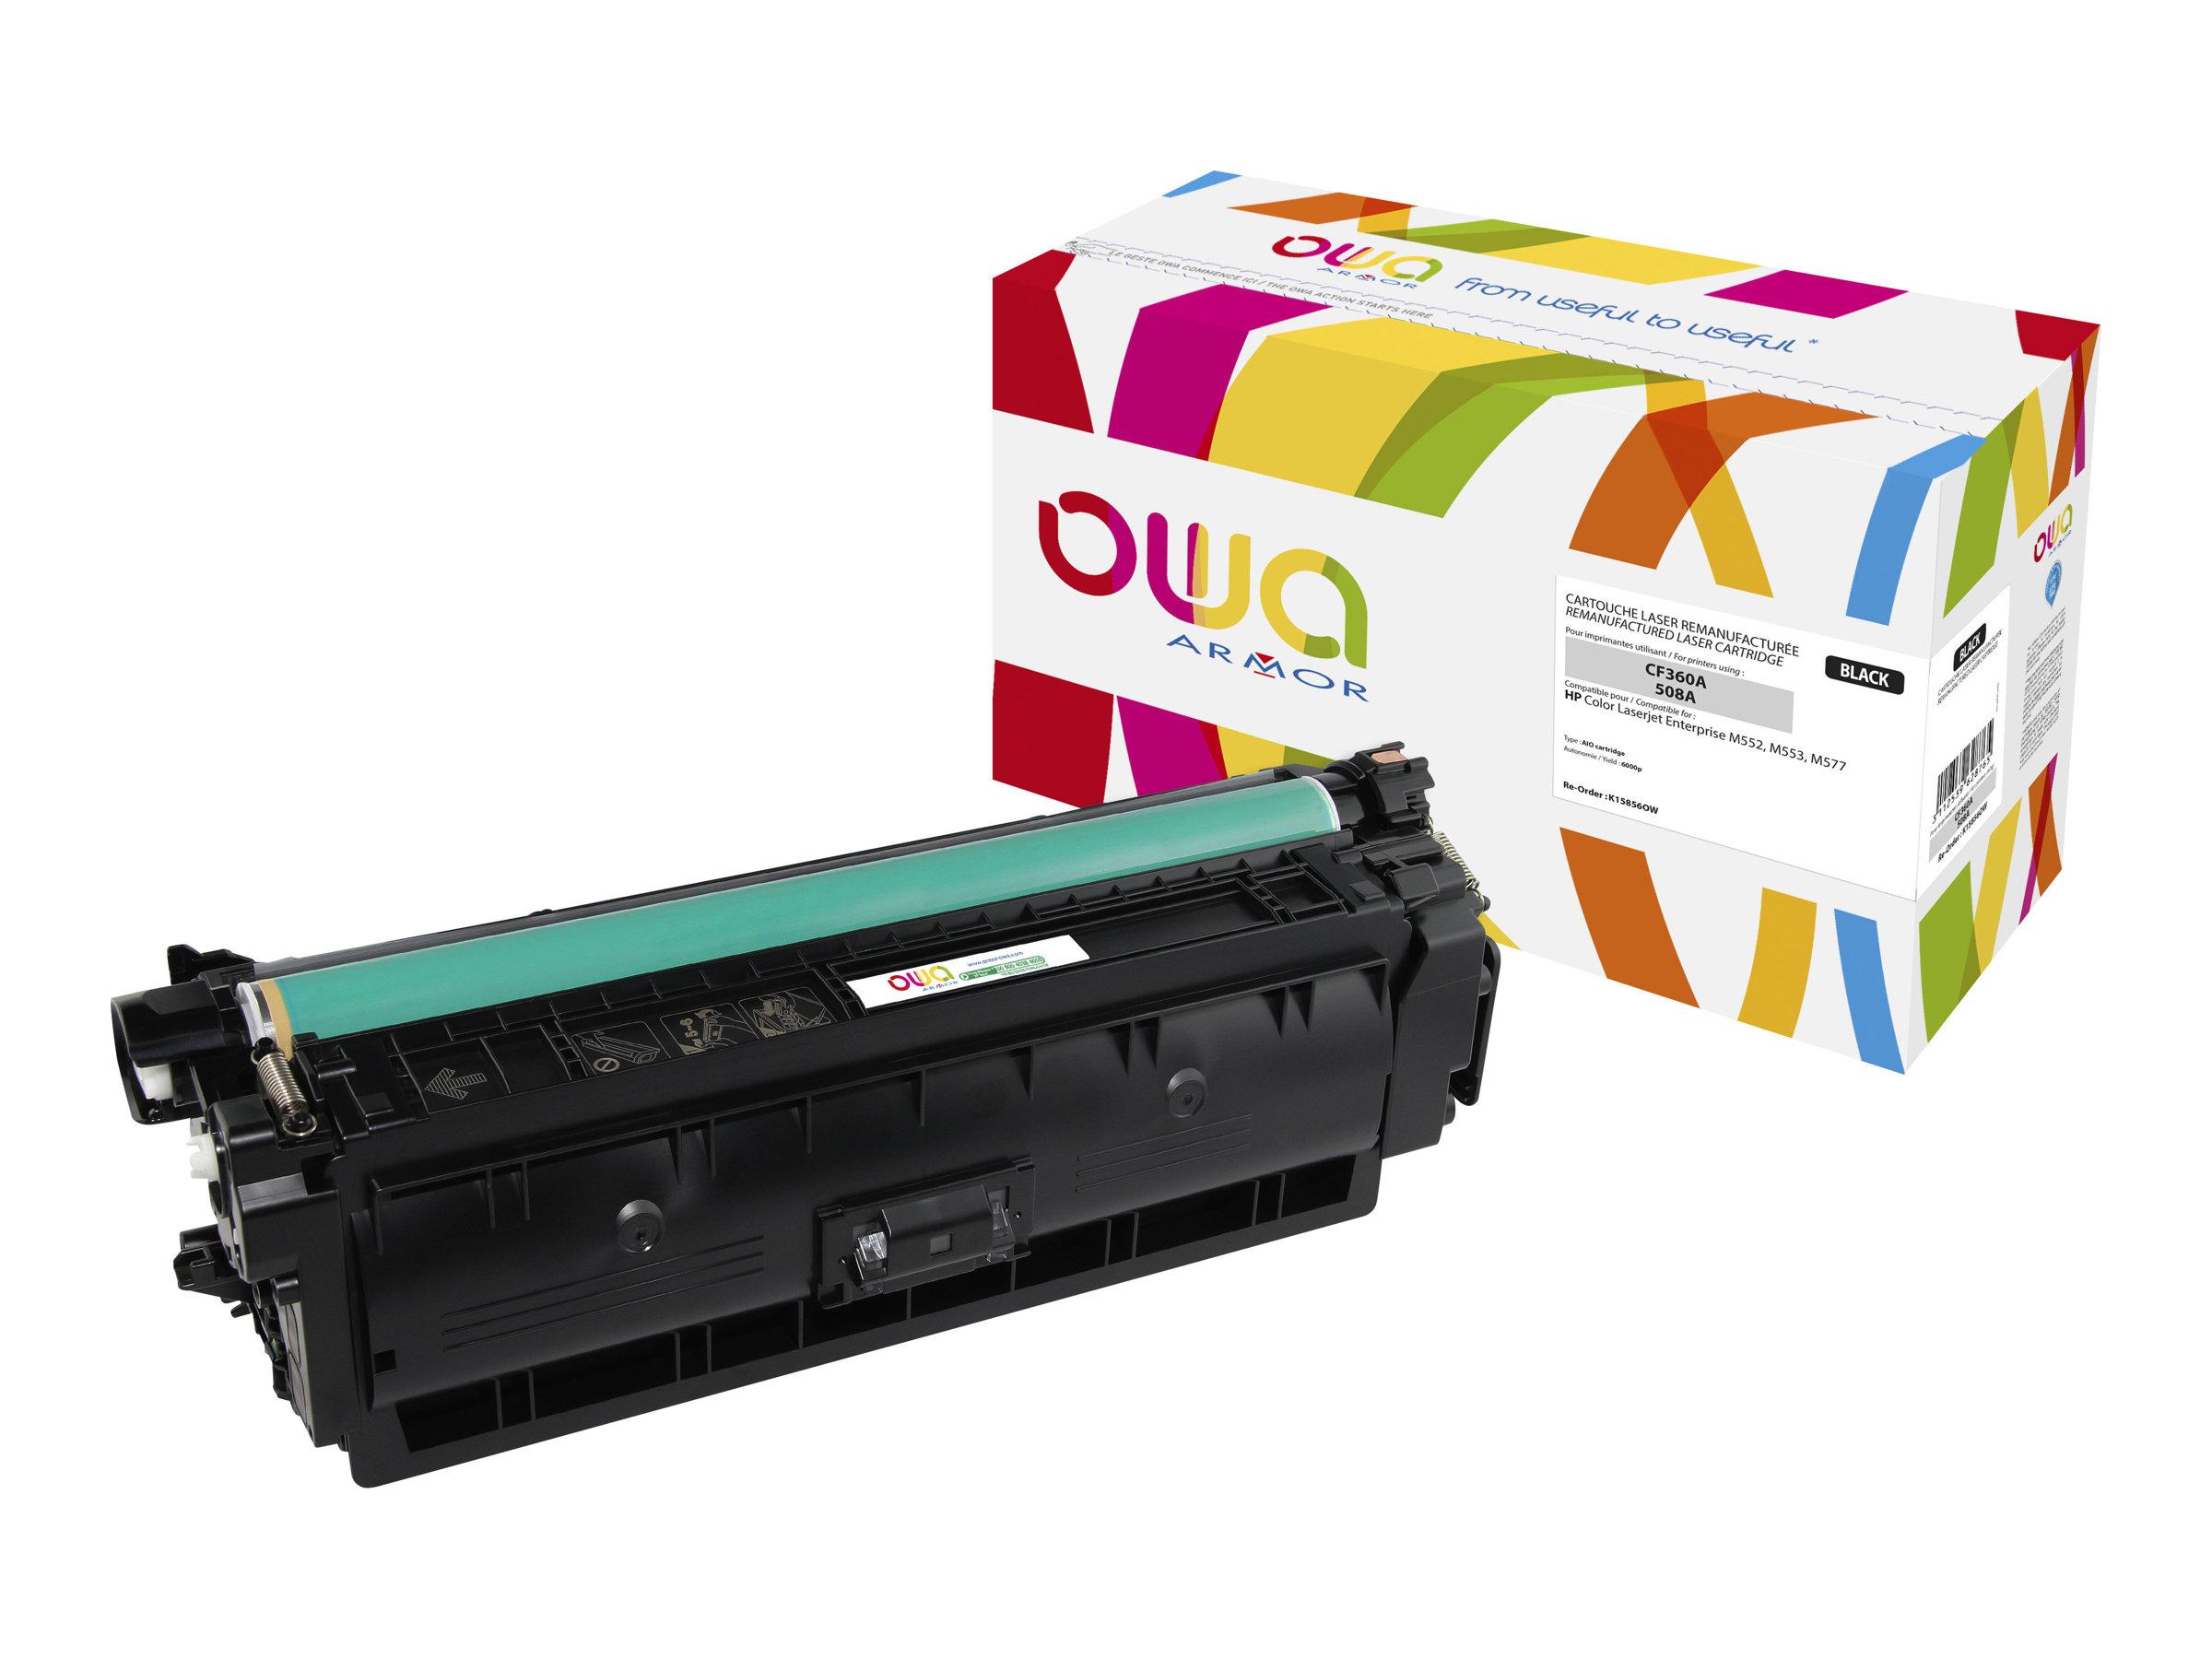 HP 508A - remanufacturé Owa K15856OW - noir - cartouche laser